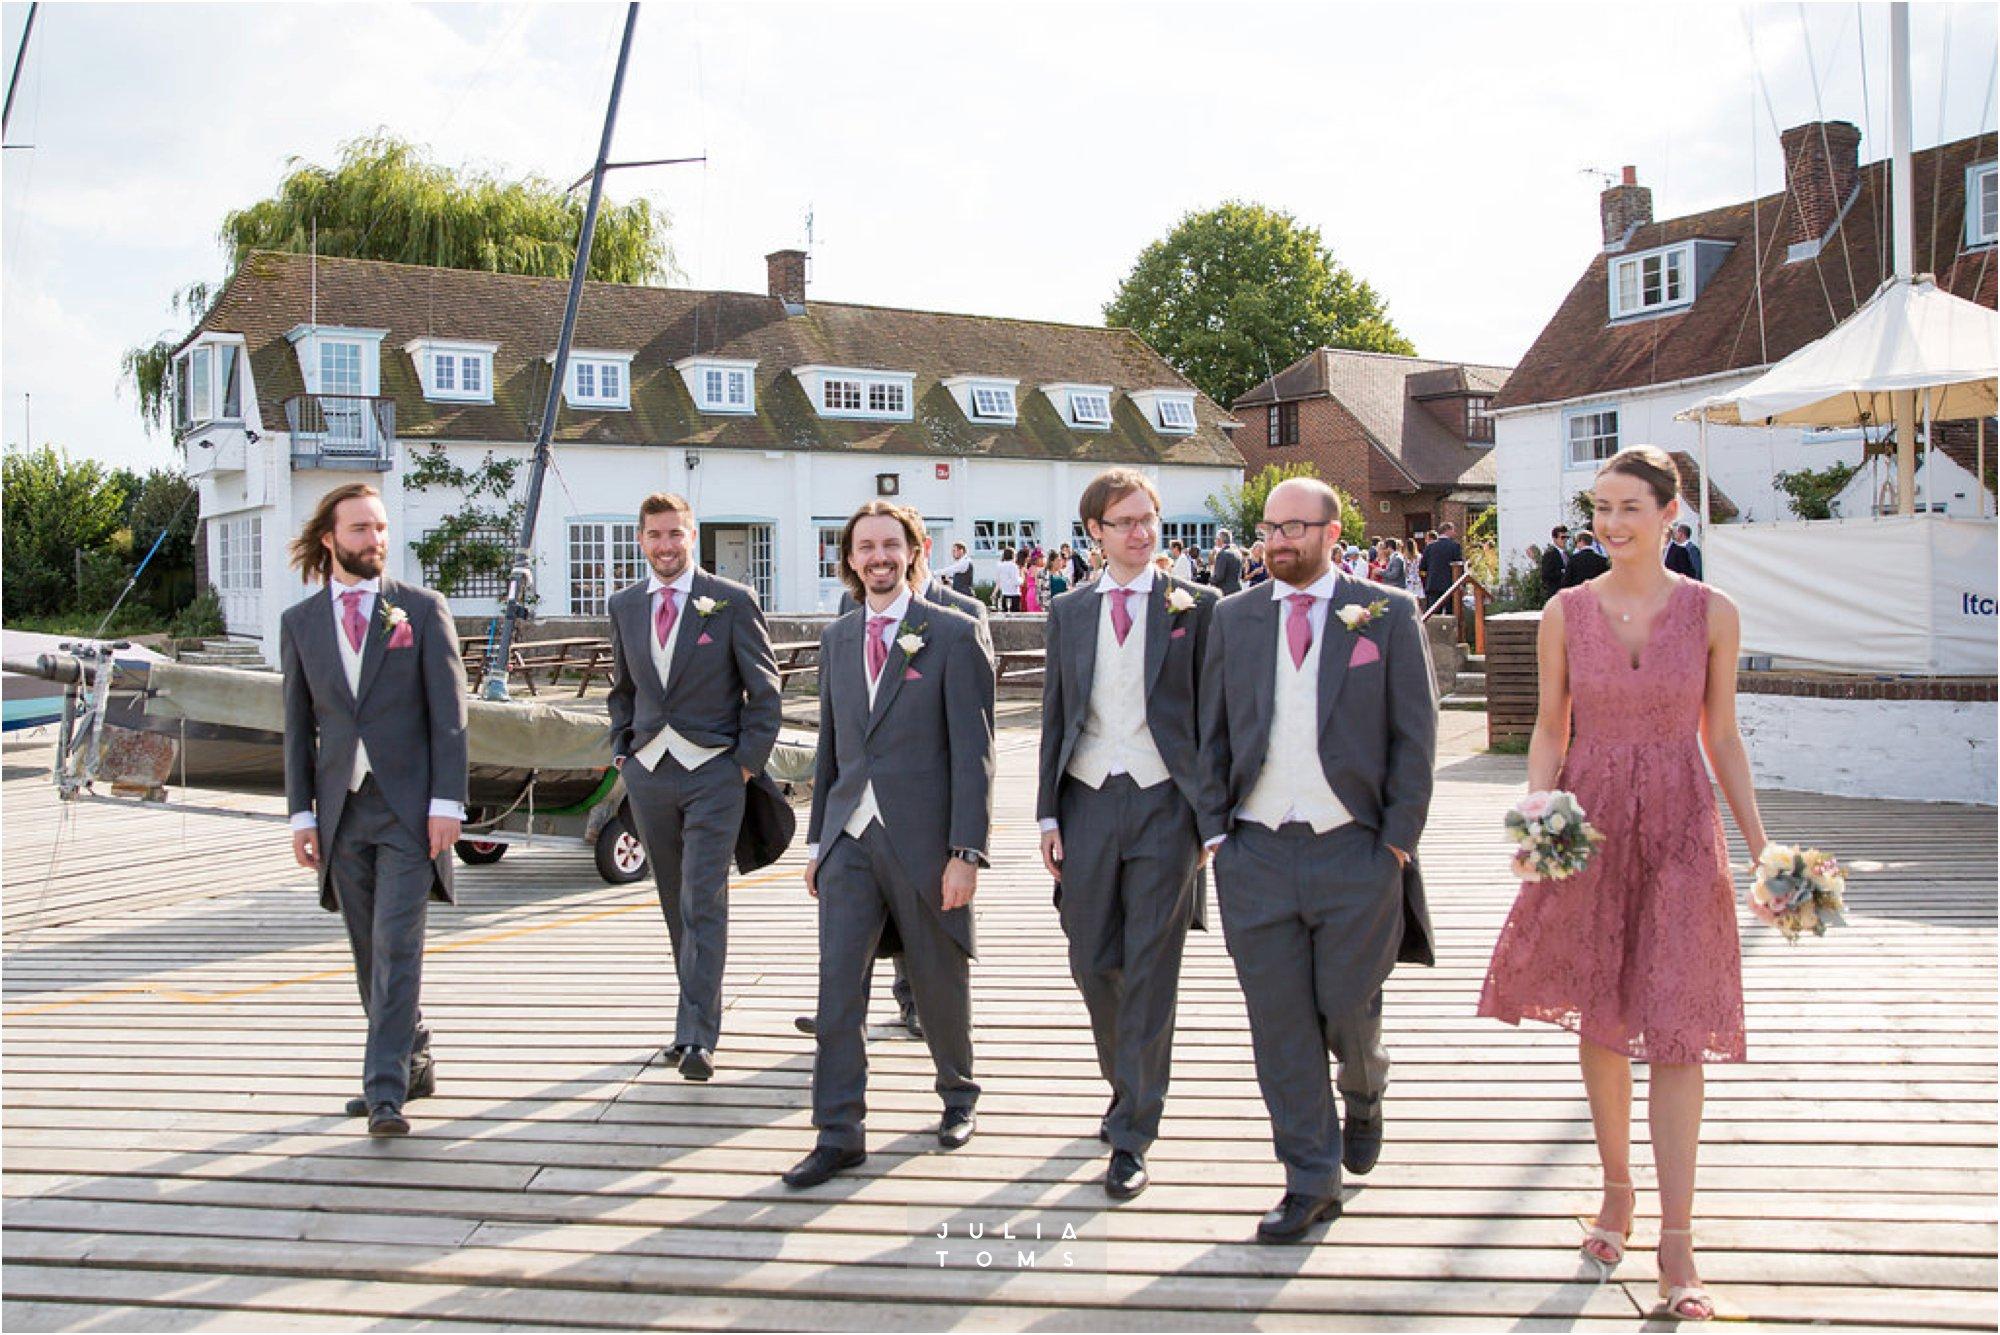 itchenor_wedding_chichester_photographer_057.jpg